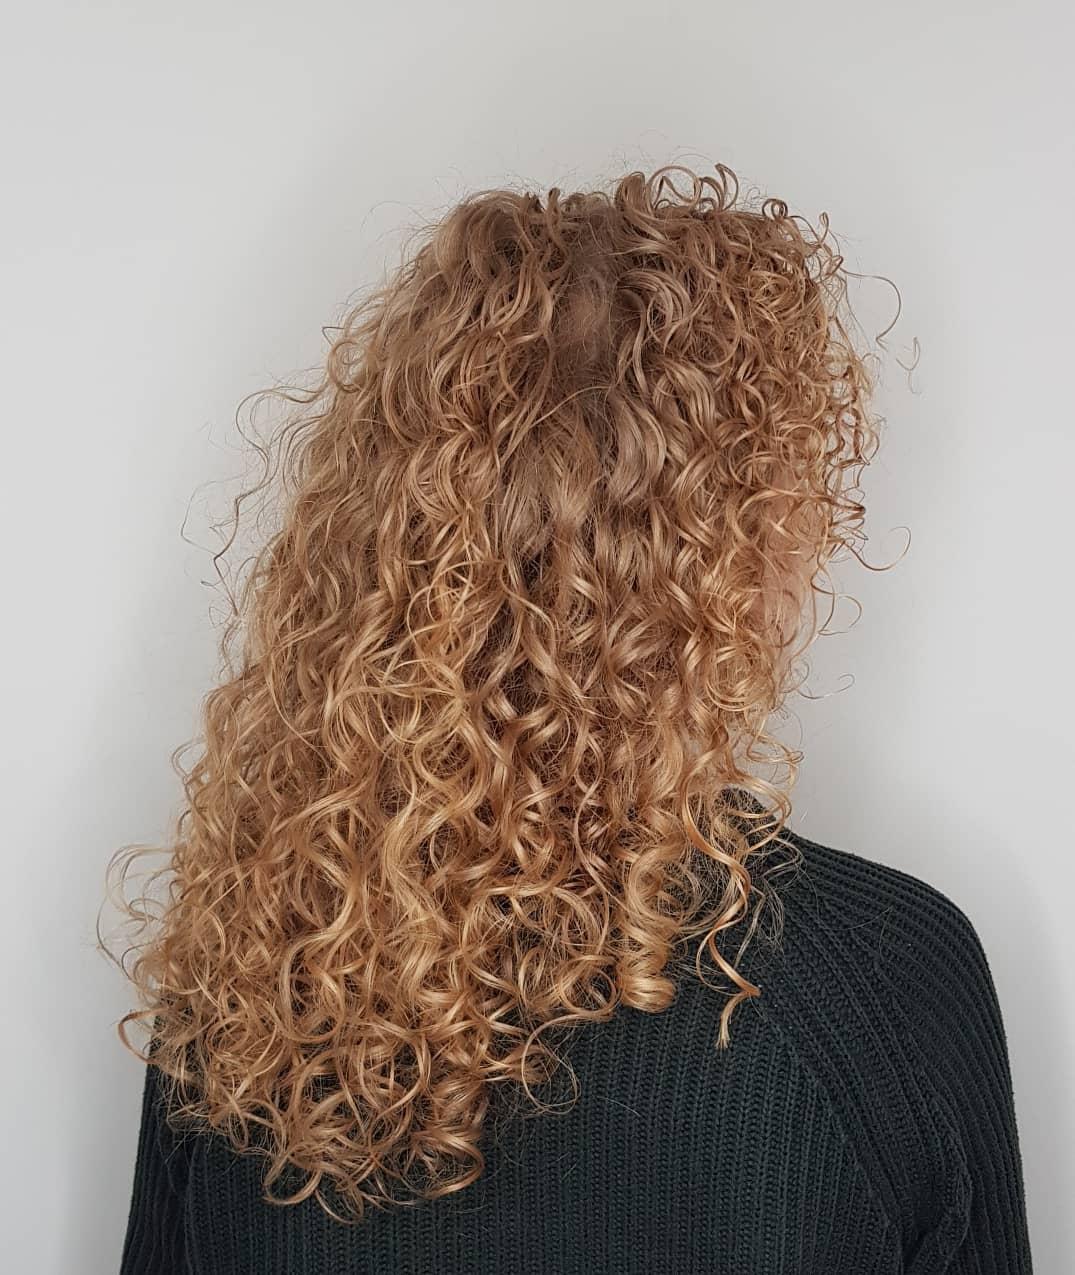 Krullen knippen in Doetinchem - Haarpleck